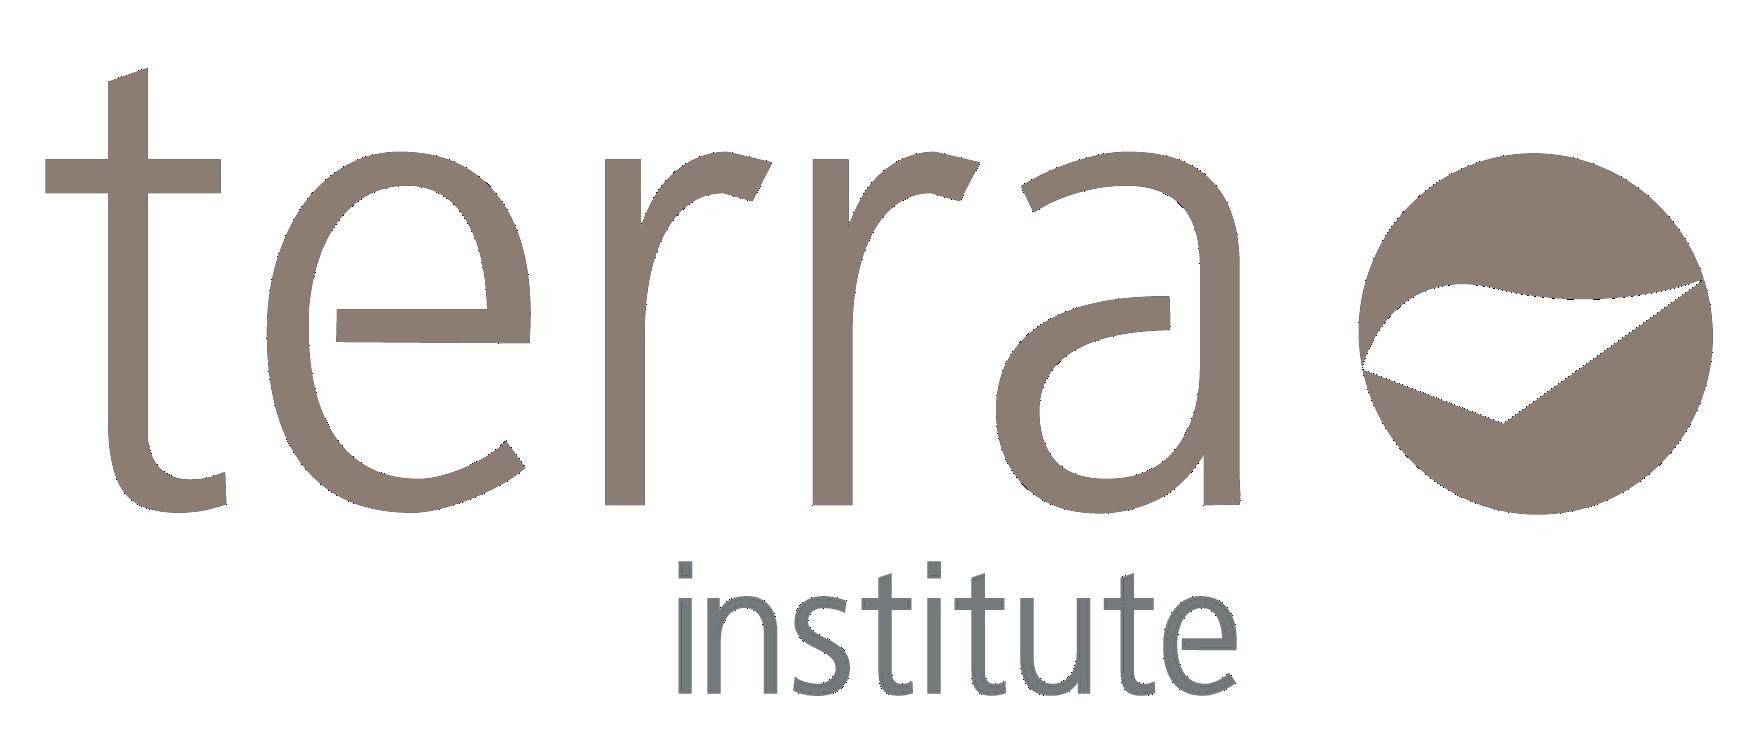 Terra Institute